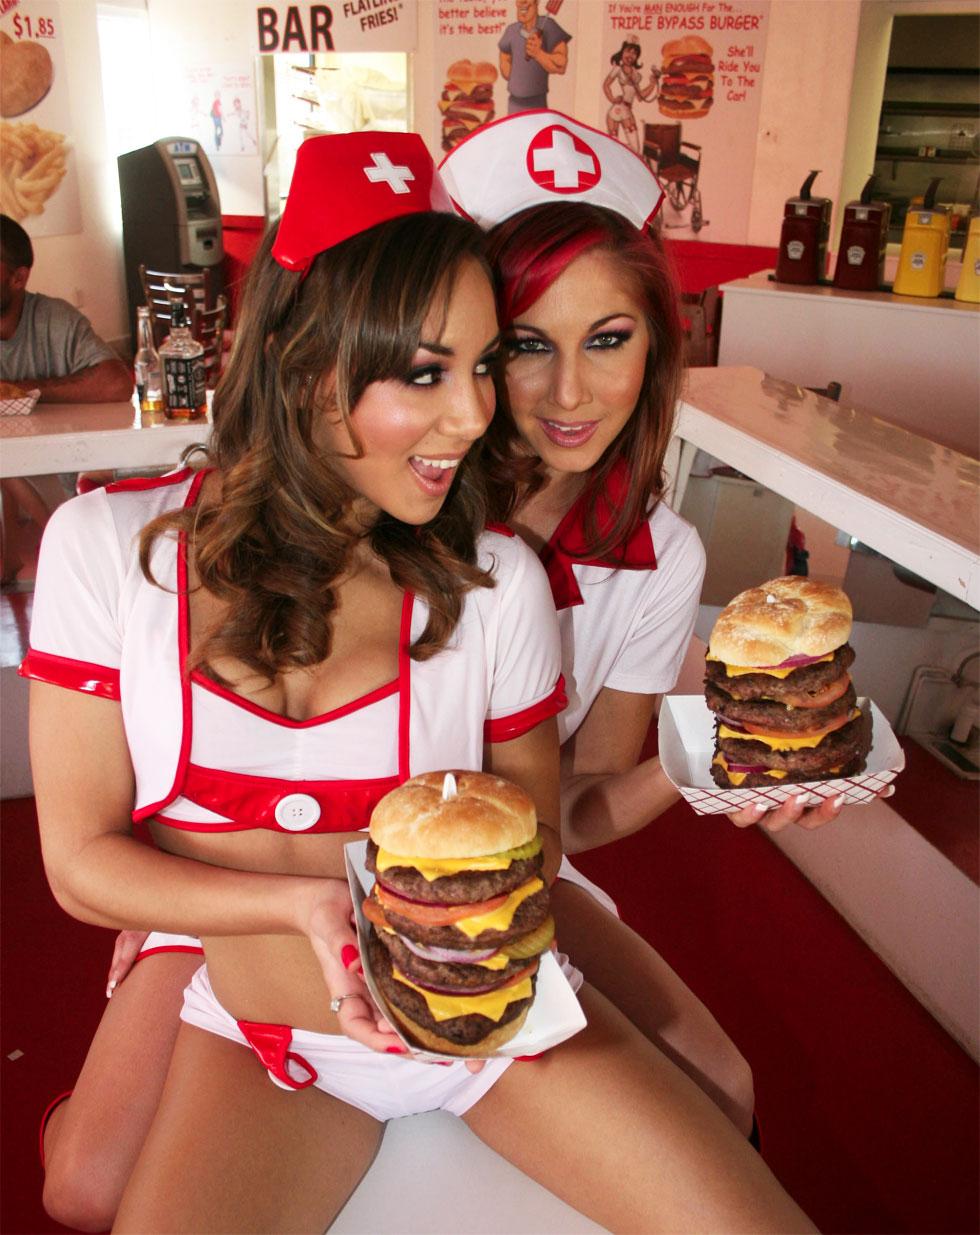 Triple Bypass, la hamburguesa letal